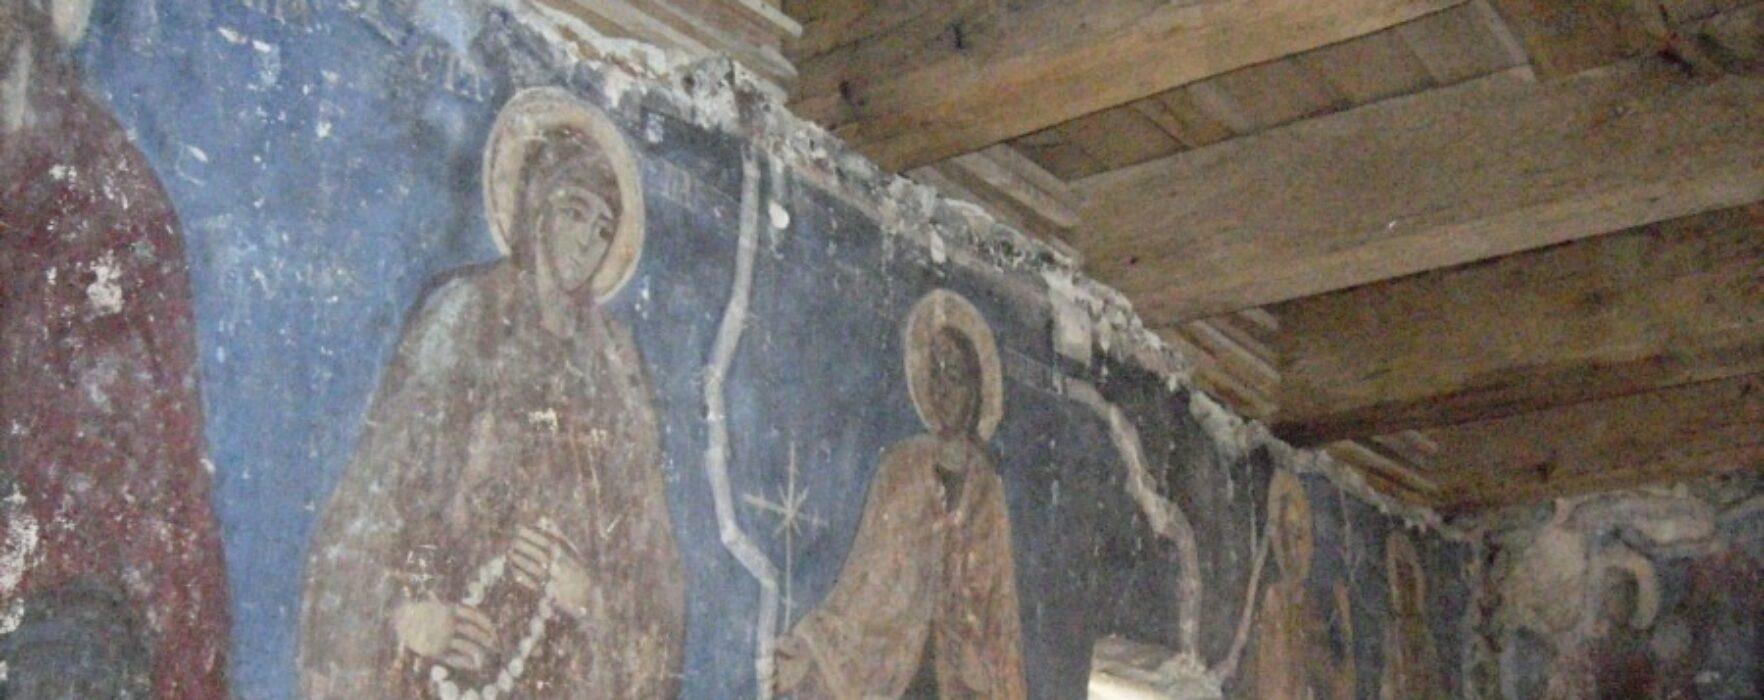 Biserica de lemn de la Voineşti, reabilitată cu fonduri europene